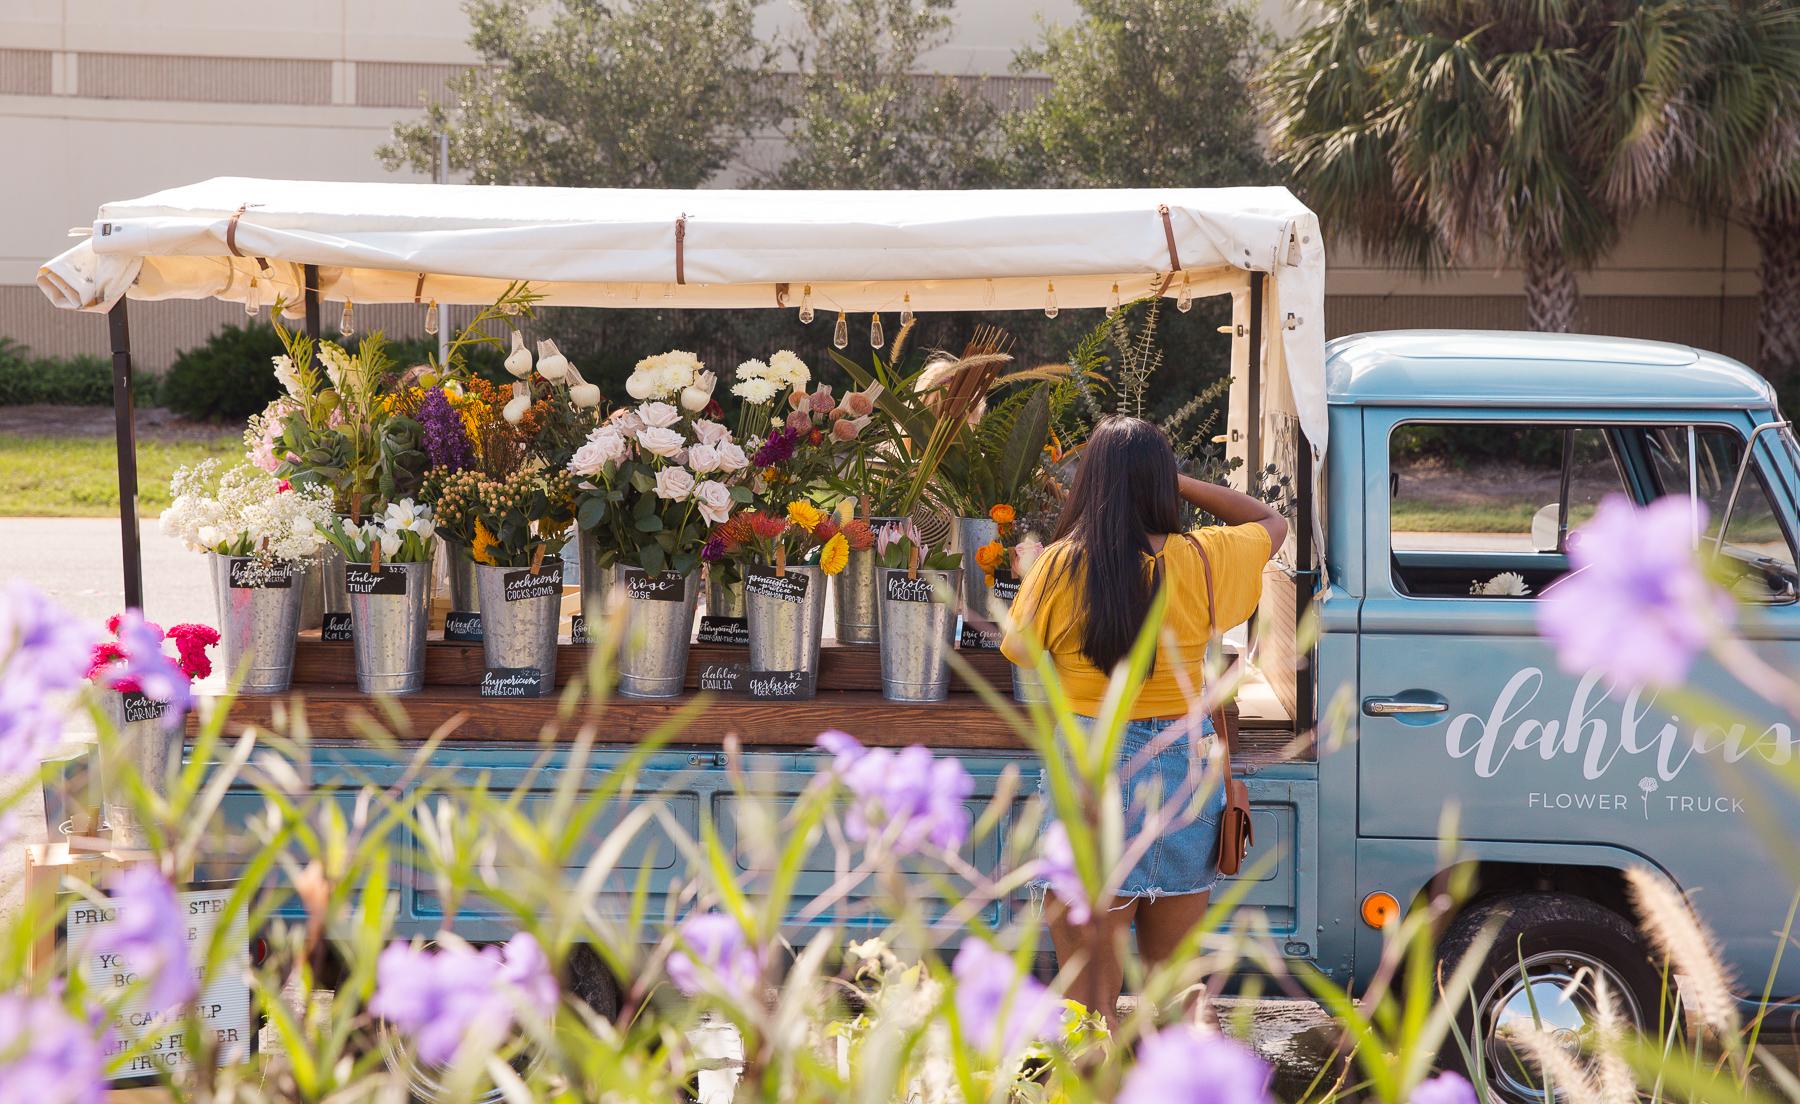 Dahlias Flower Truck